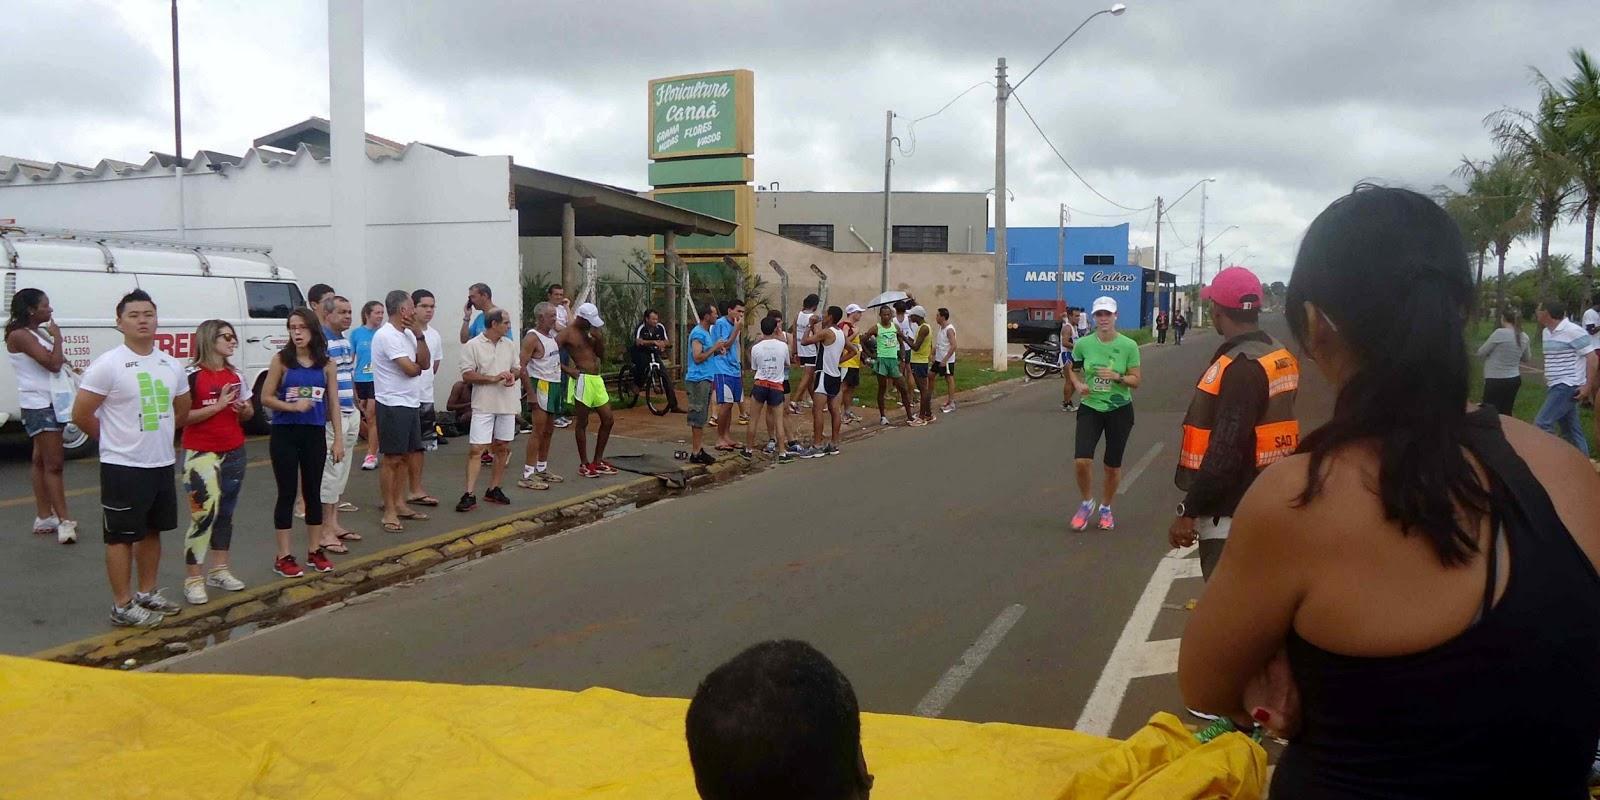 Foto 177 da 1ª Corrida Av. dos Coqueiros em Barretos-SP 14/04/2013 – Atletas cruzando a linha de chegada